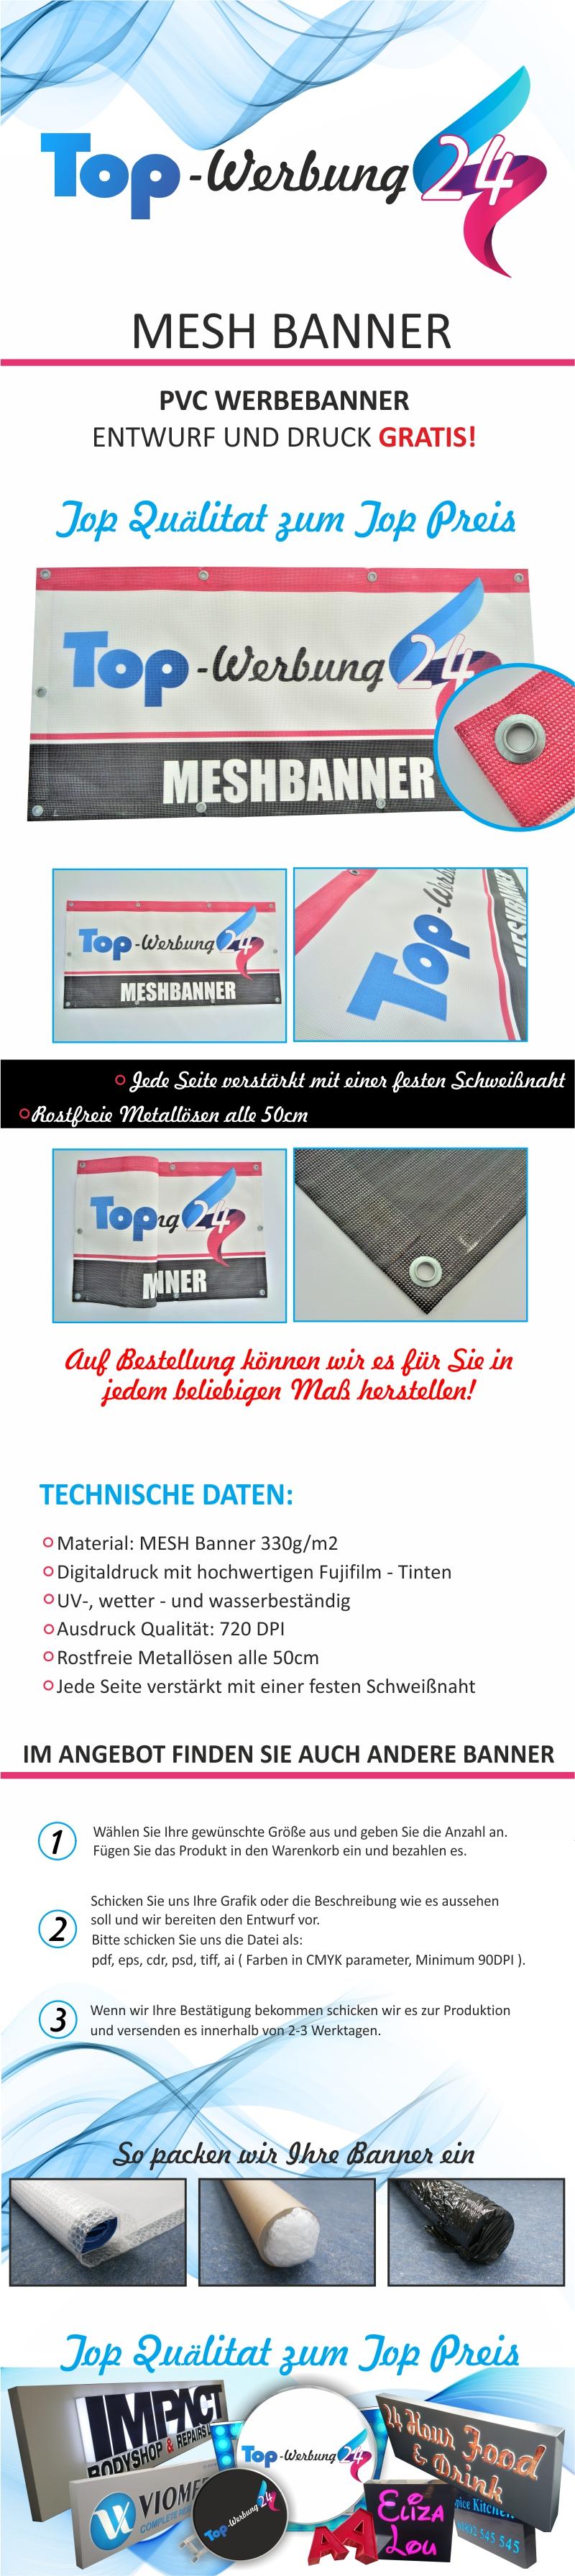 Federschlagpresse 1000 Ösen V2a 10mm Nach Din 7332 F Ösenpresse Werbebanner Festsetzung Der Preise Nach ProduktqualitäT